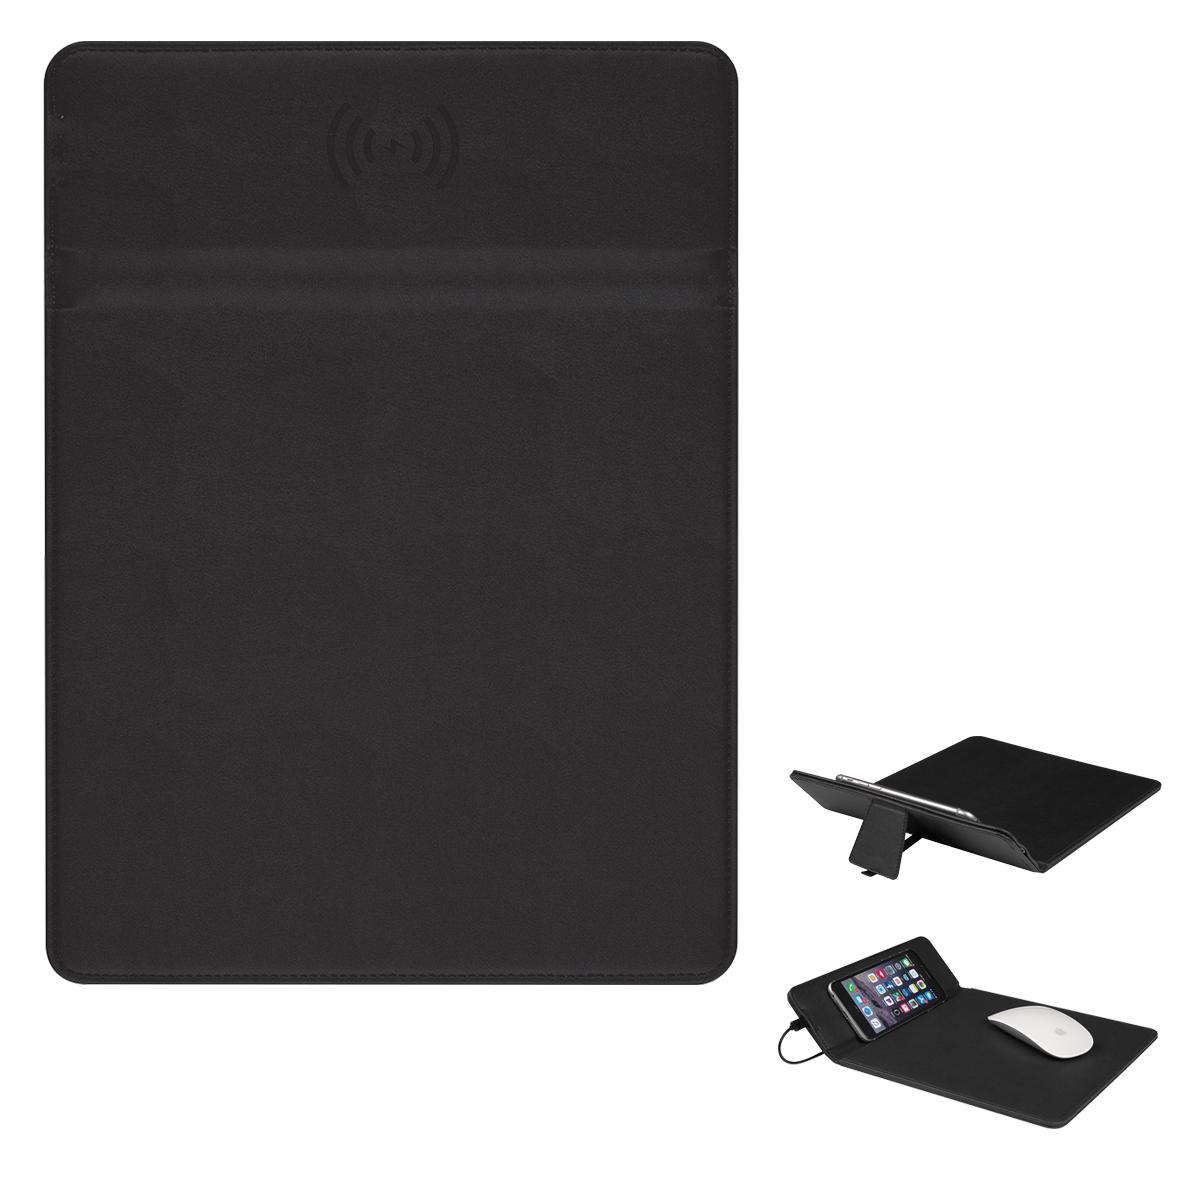 2953 - Mouse pad cargador